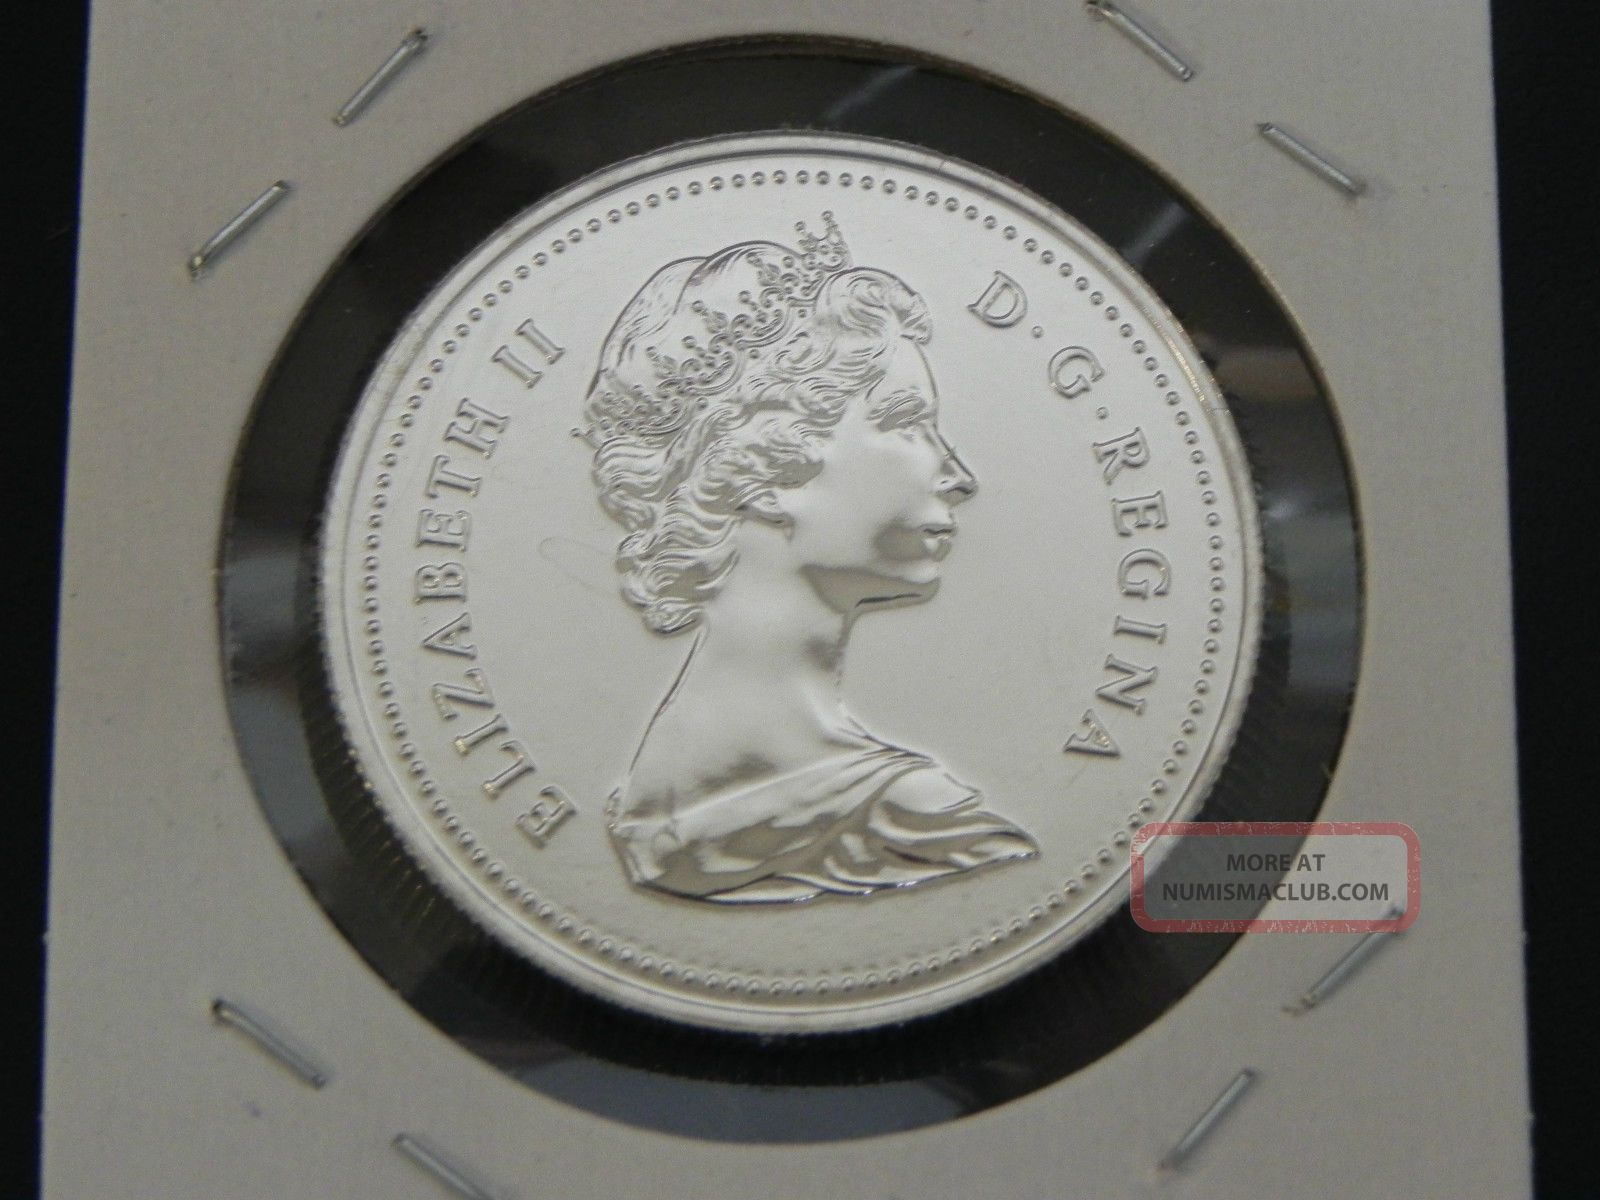 1980 Bu Pl Unc Canadian Canada Voyageur Elizabeth Ii Nickel One 1 Dollar